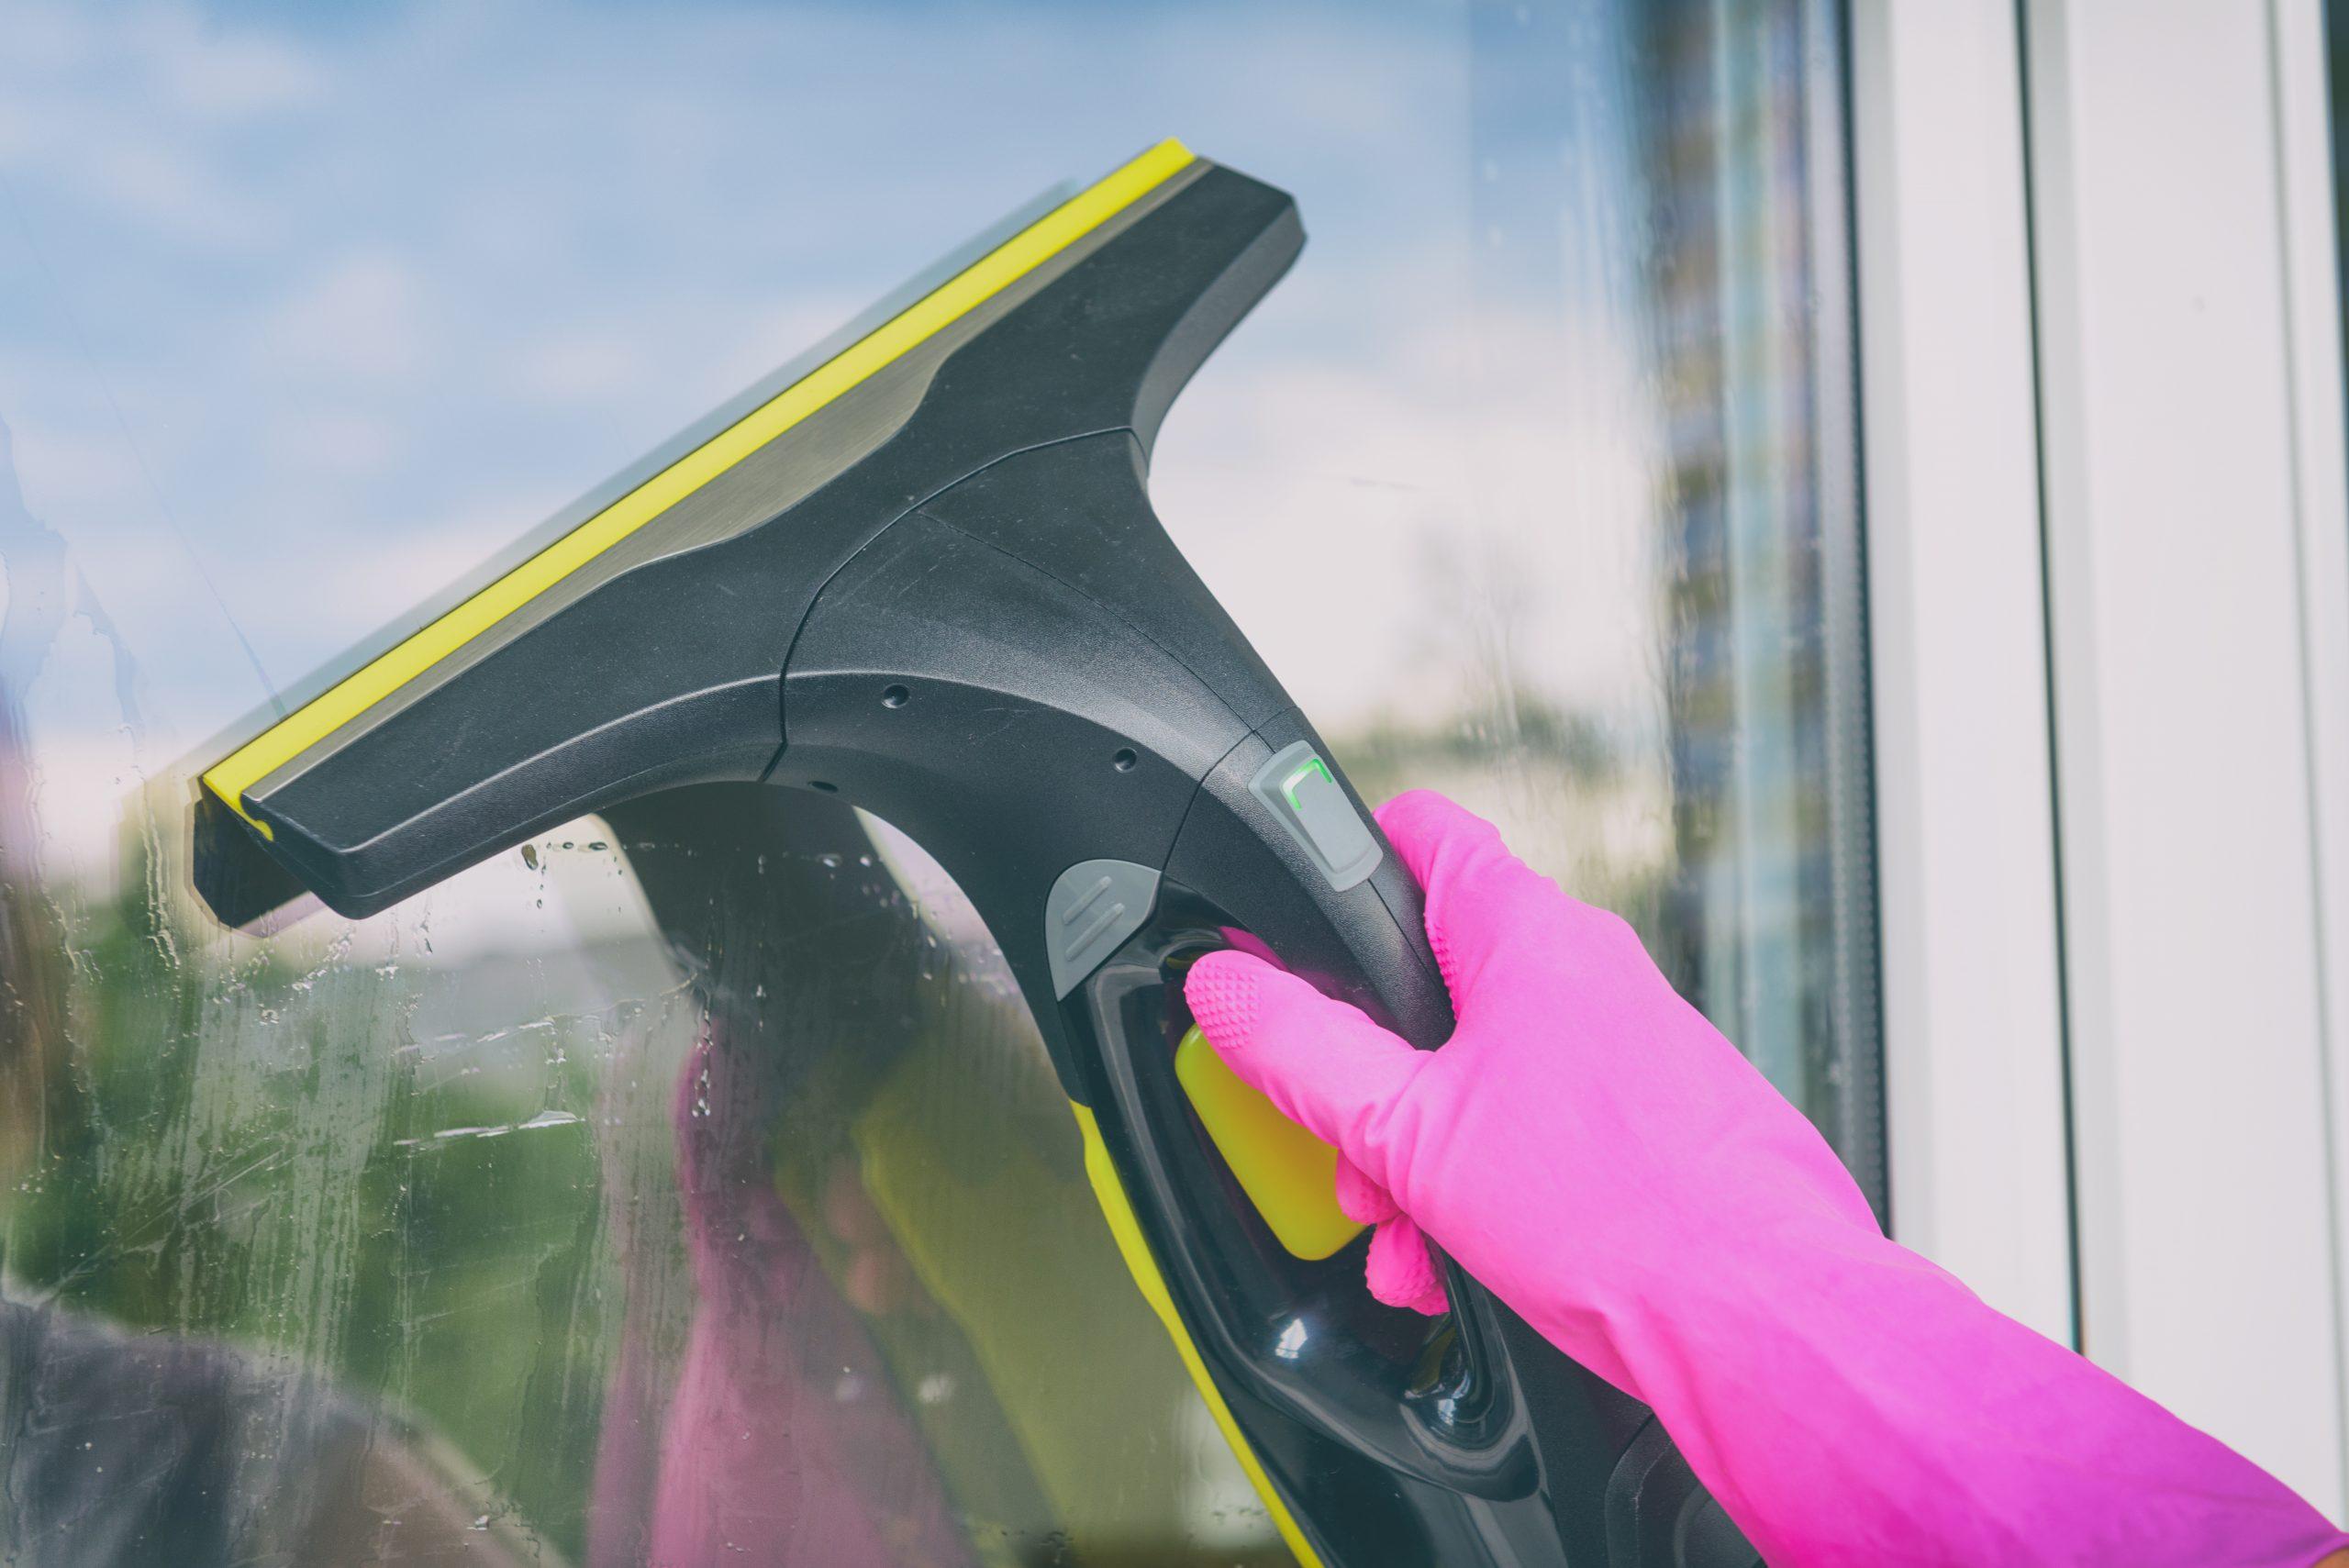 Kärcher Fenstersauger: Test & Empfehlungen (08/20)